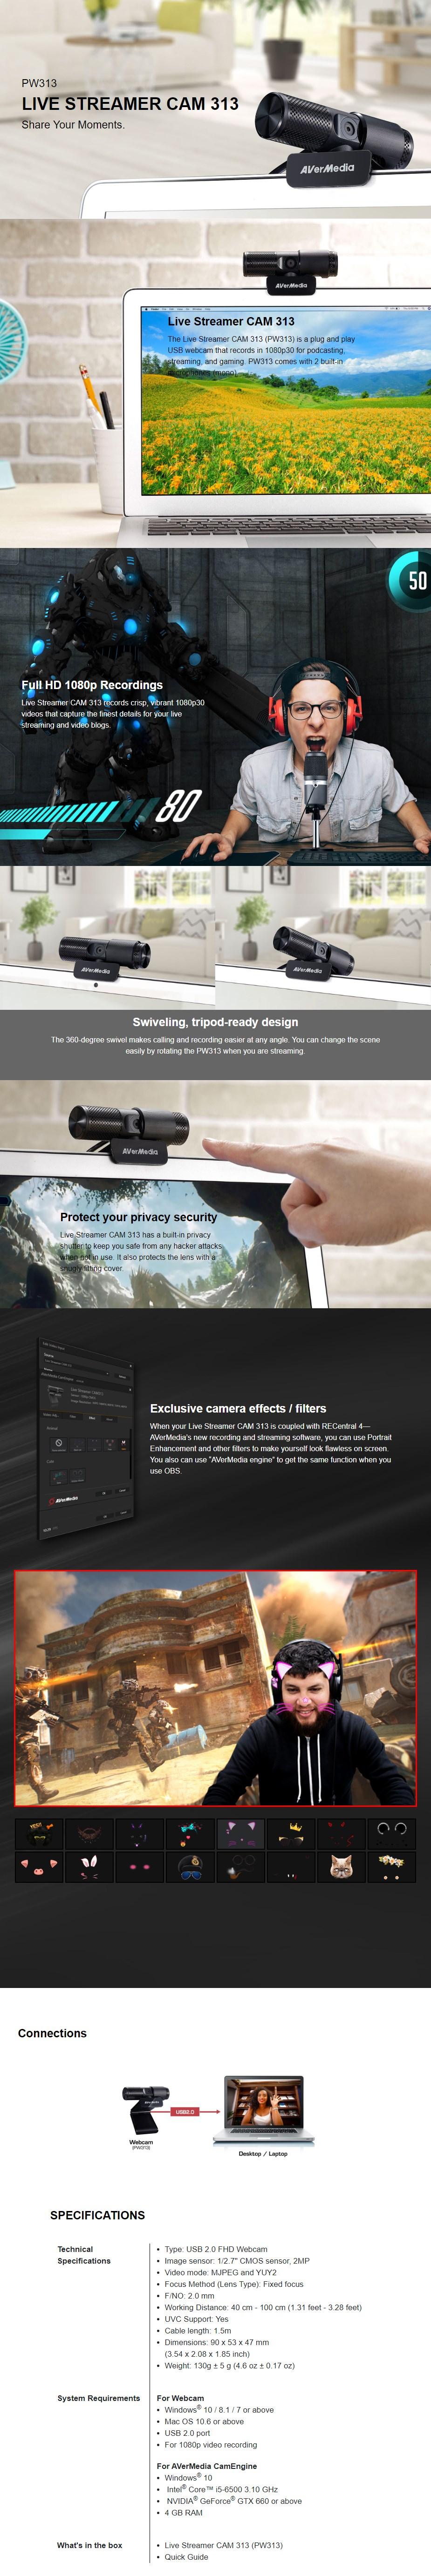 AVerMedia Live Streamer CAM 313 Full HD Webcam - Overview 1